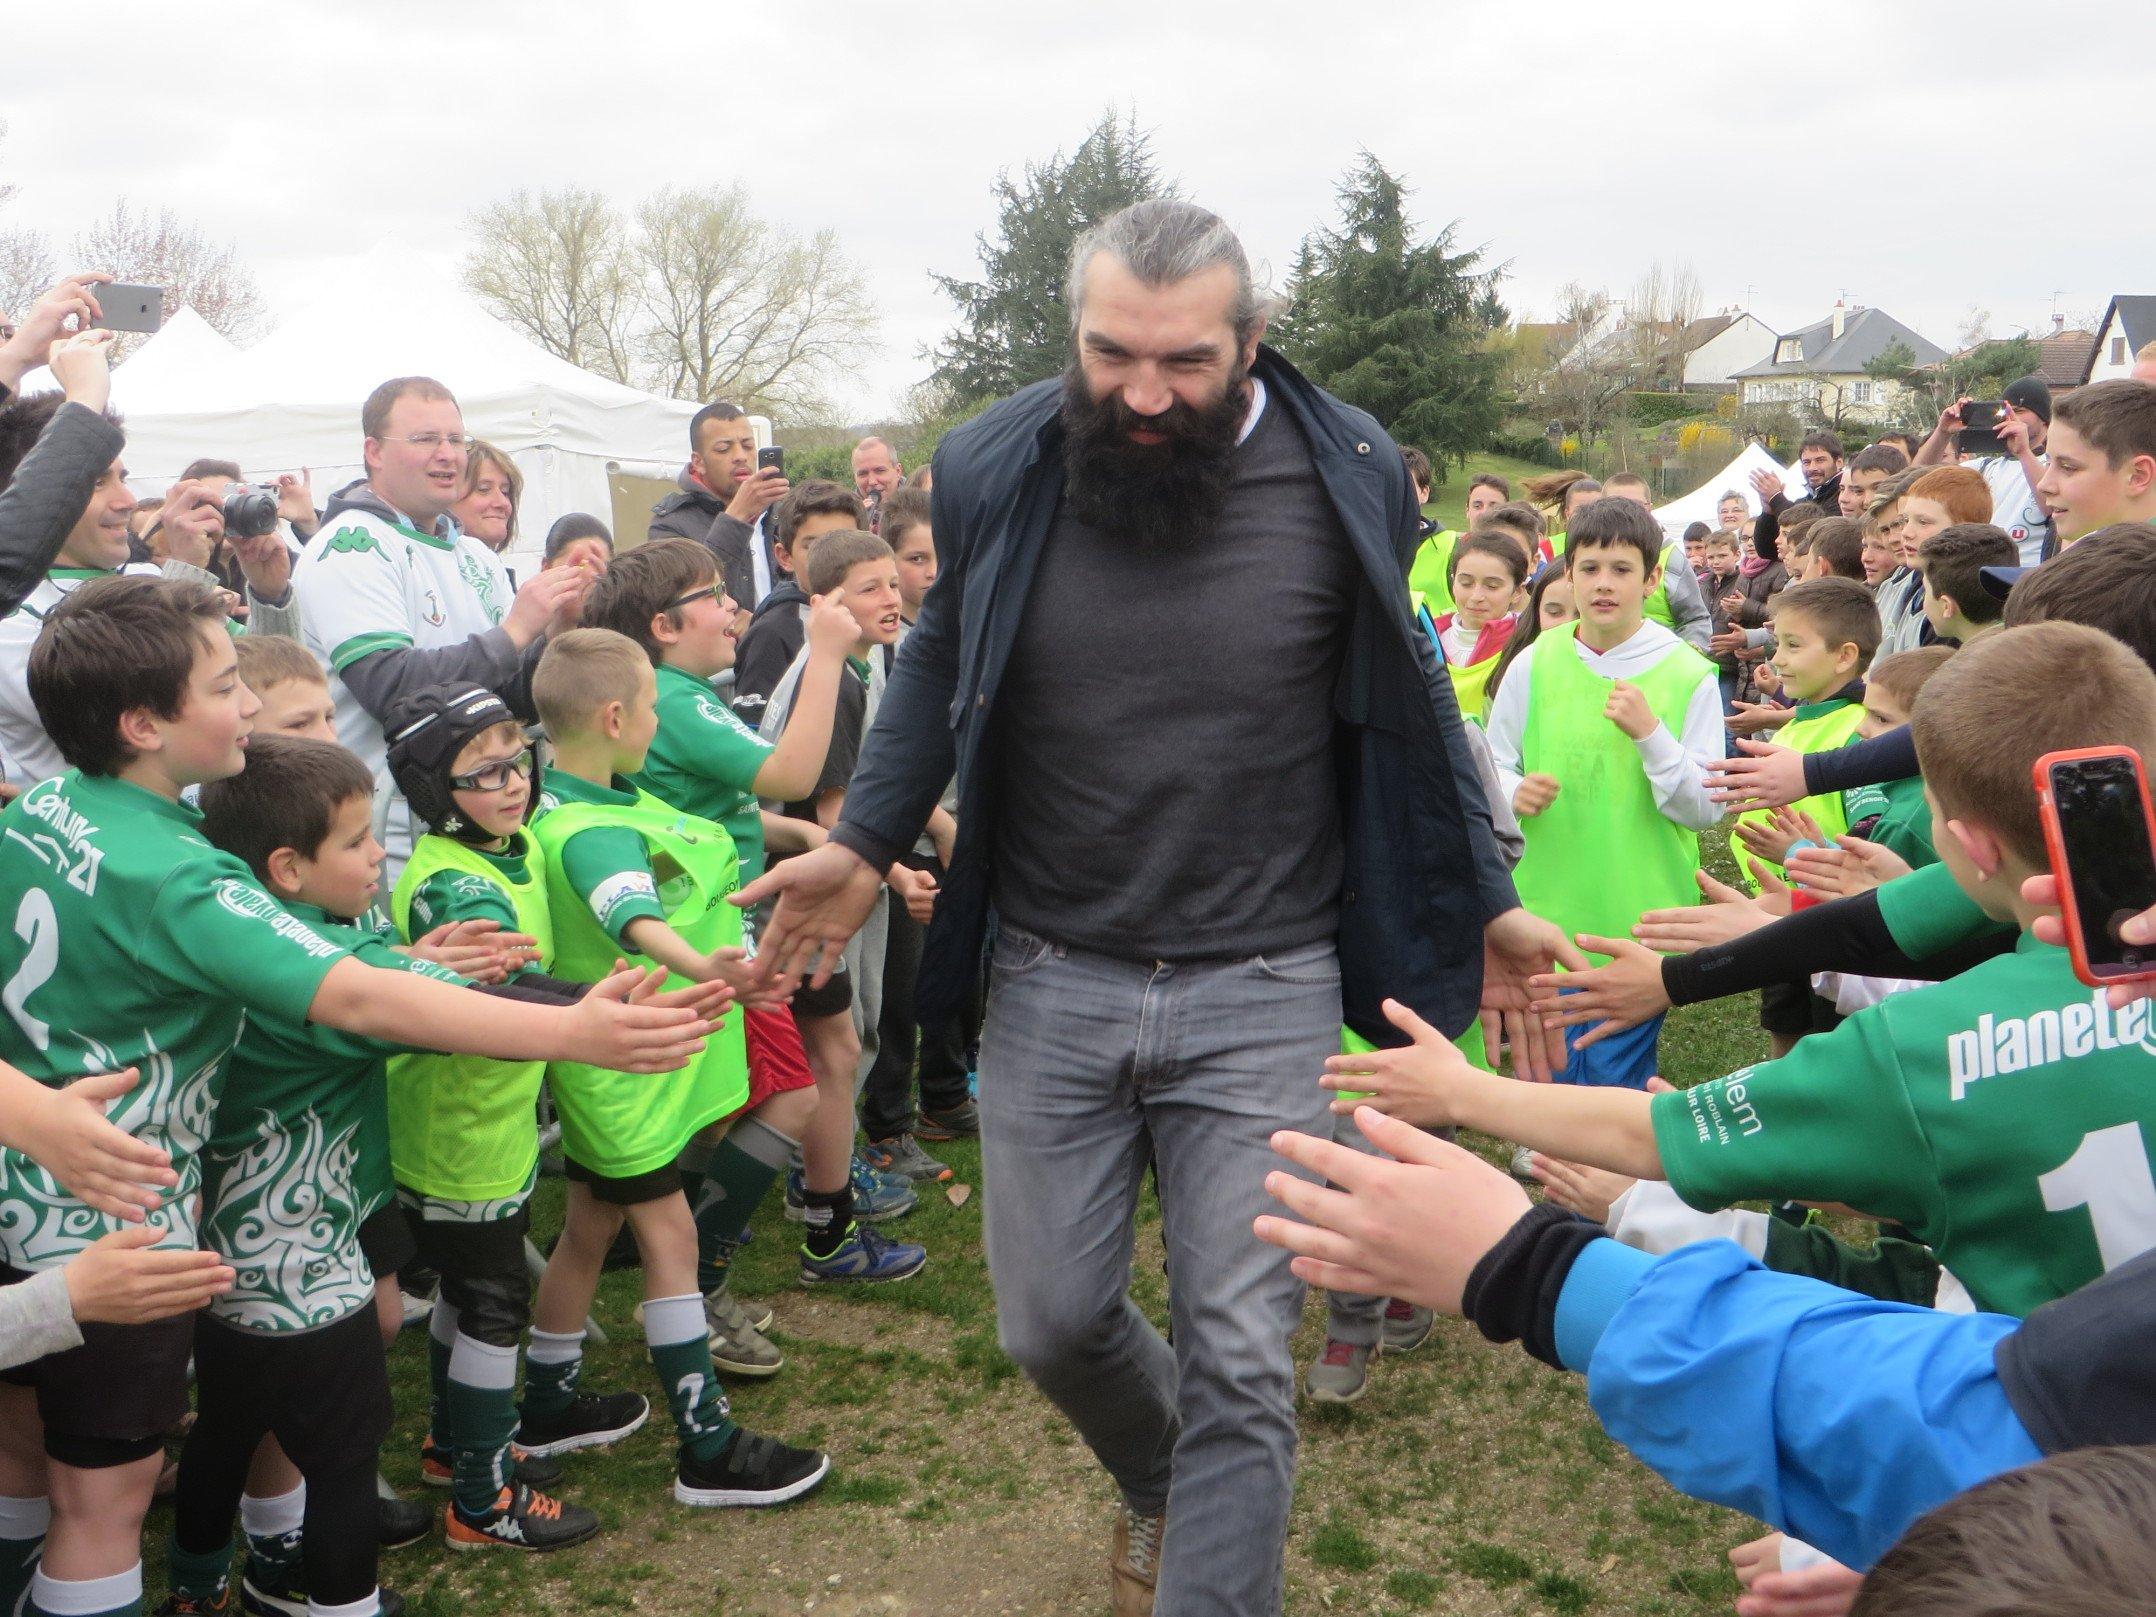 Sébastien Chabal inaugure le Parc Multisports de Saint-Denis de l'hôtel 2